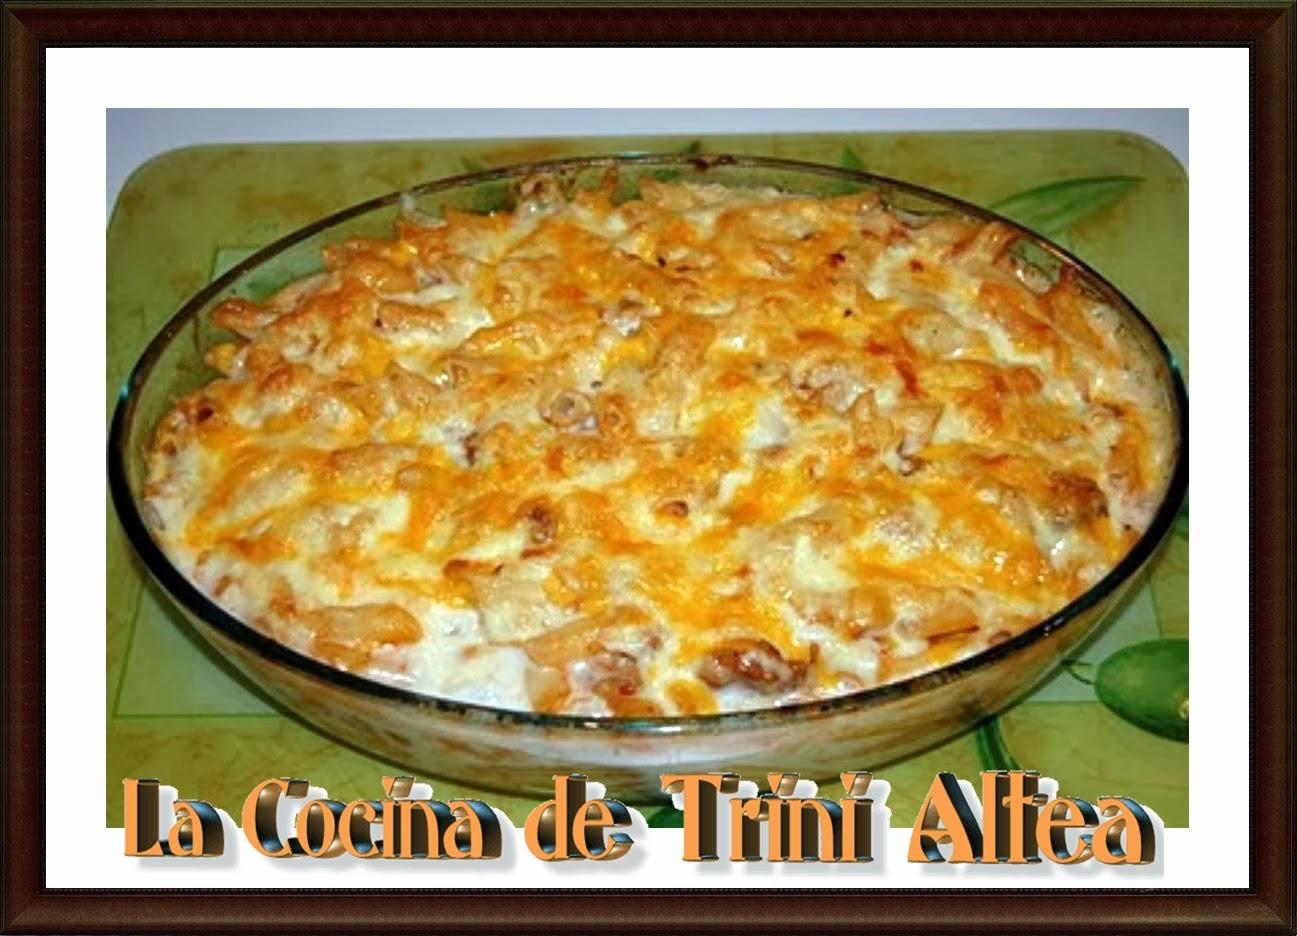 La cocina de trini altea macarrones al horno con bechamel - Macarrones con verduras al horno ...